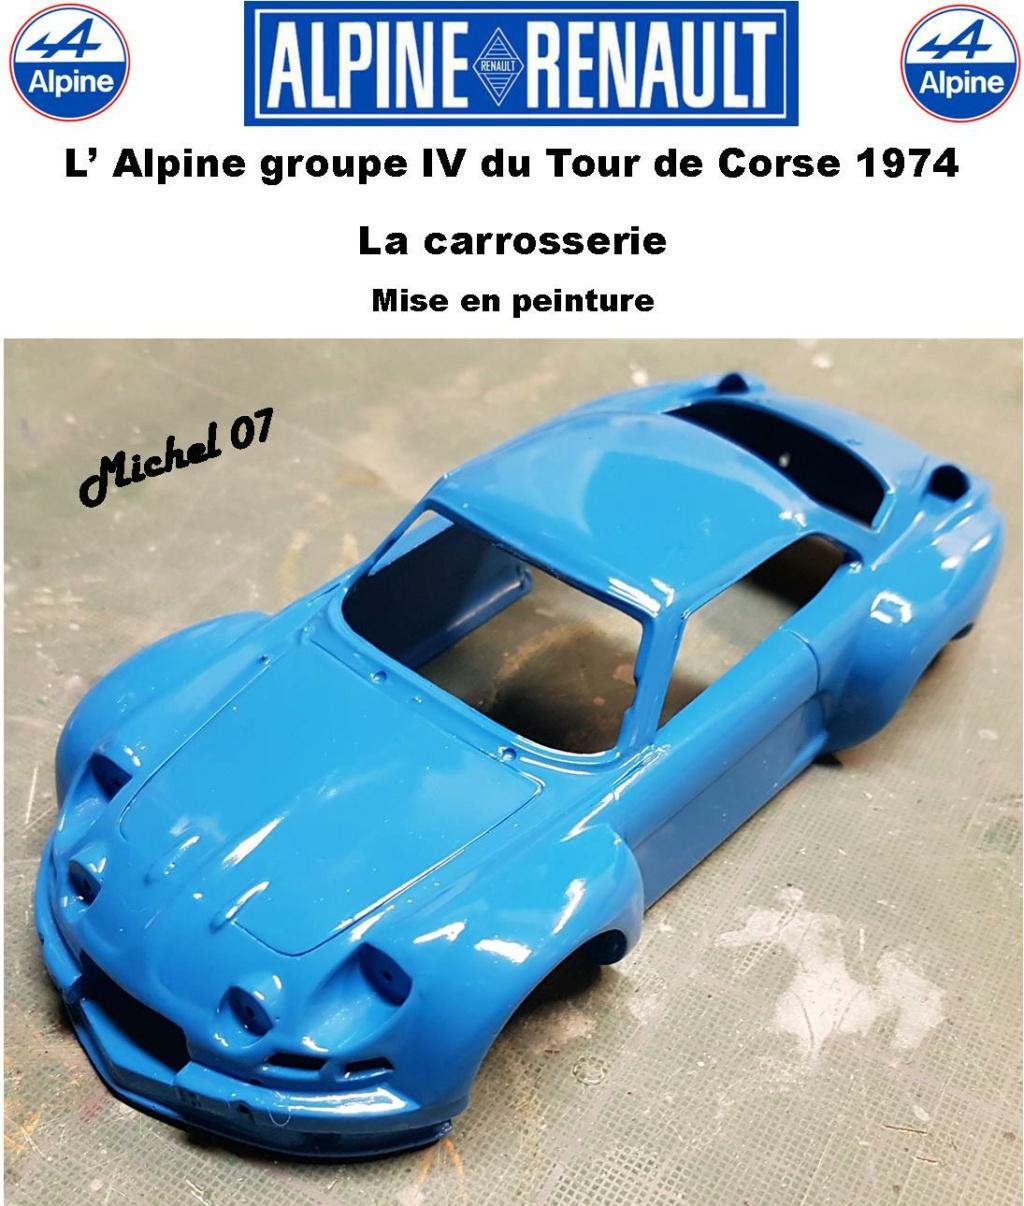 Fil rouge 2021 * Alpine A110 Groupe IV Tour de Corse 1974 1/24 Heller 80745 + transkit 12_410